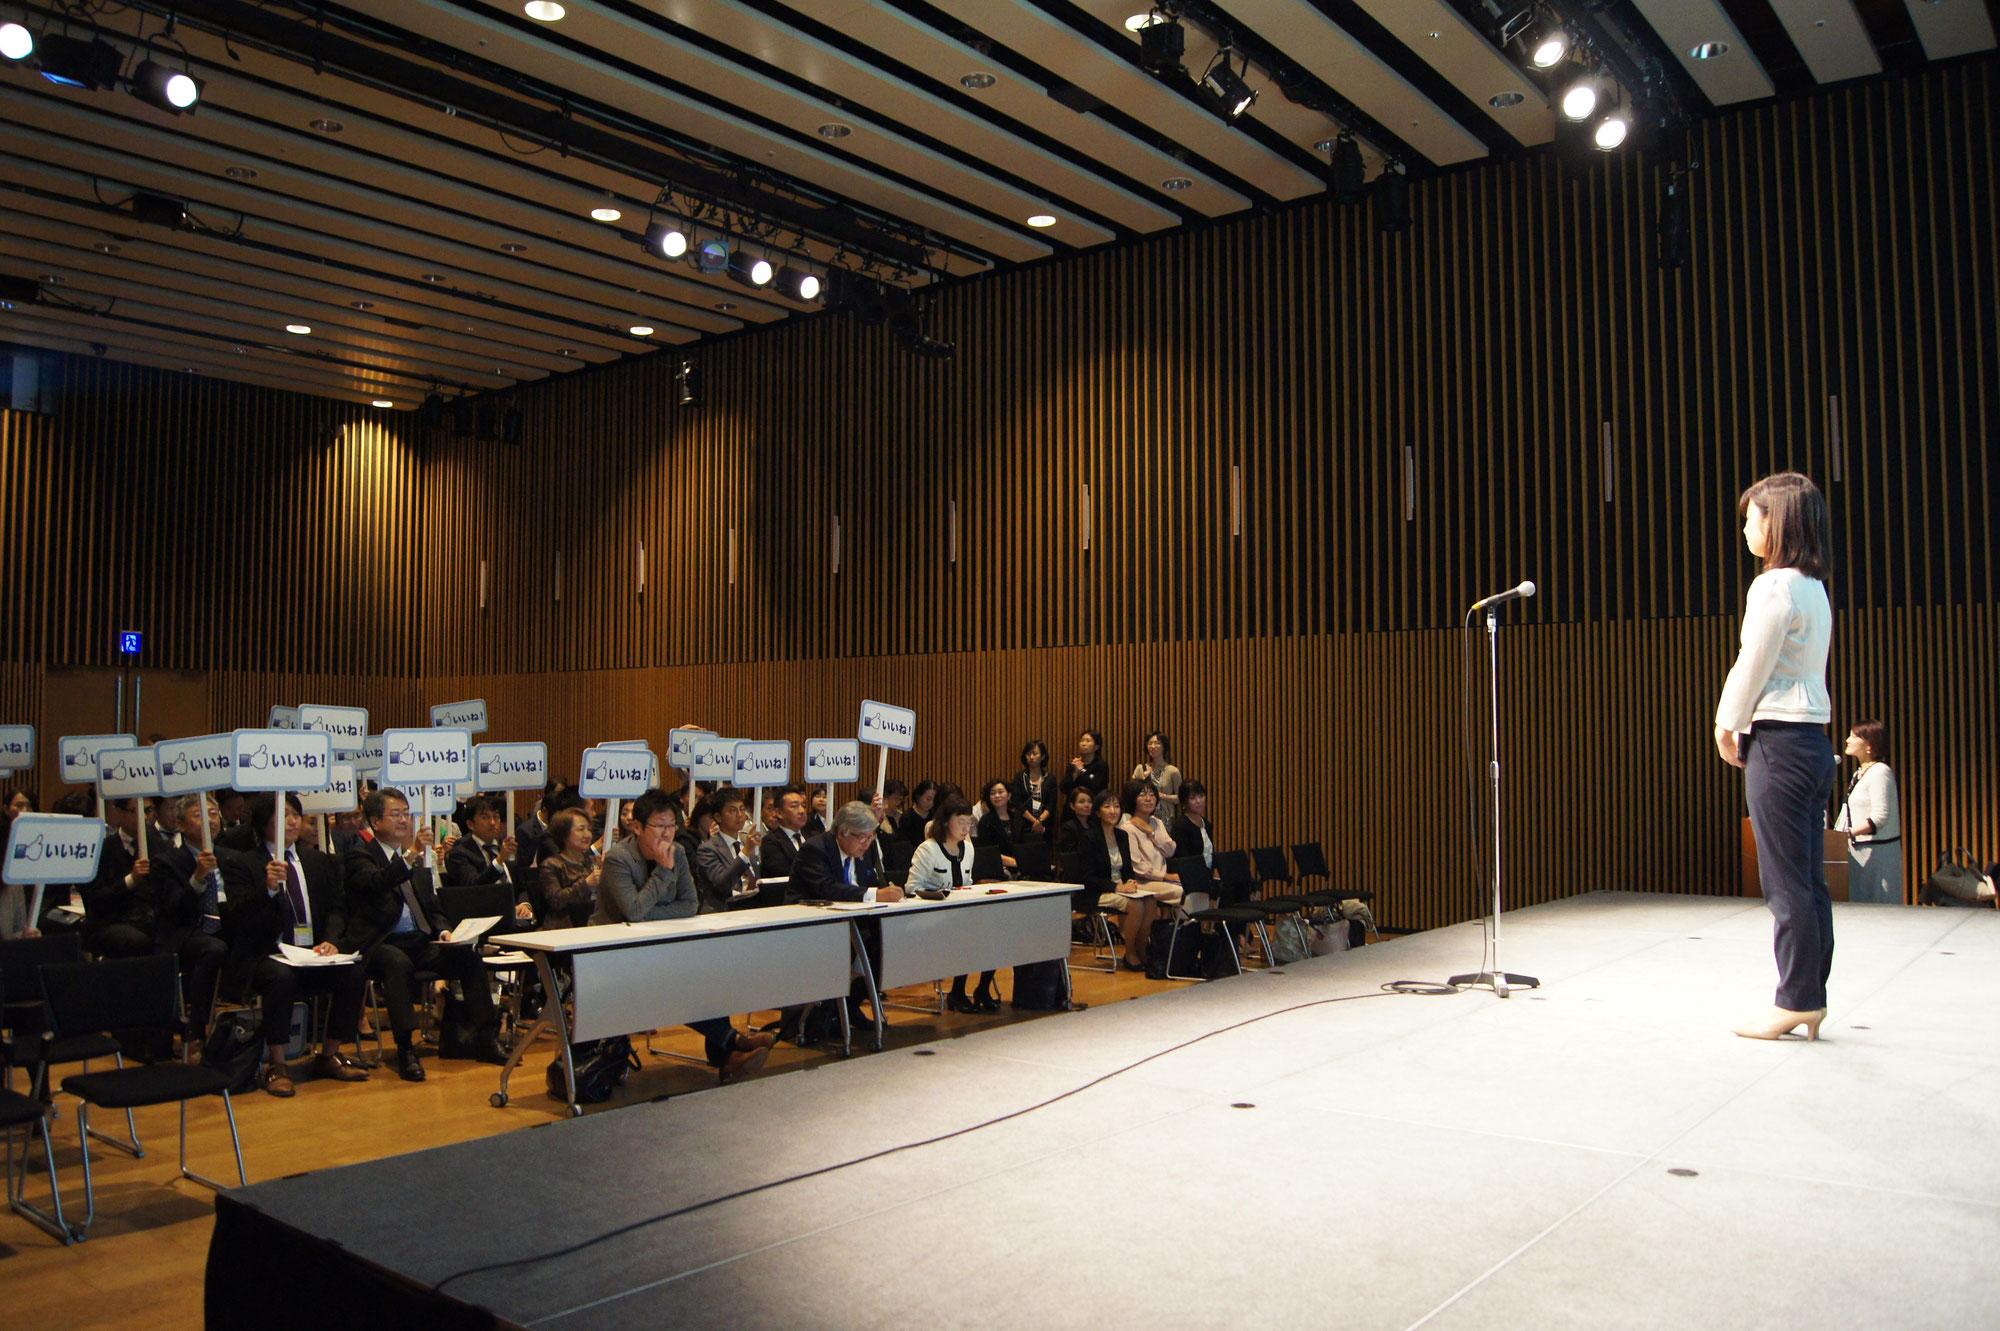 【参加企業募集中!】11月16日開催「福岡女子大学ウェルカムバックドラフト会議」